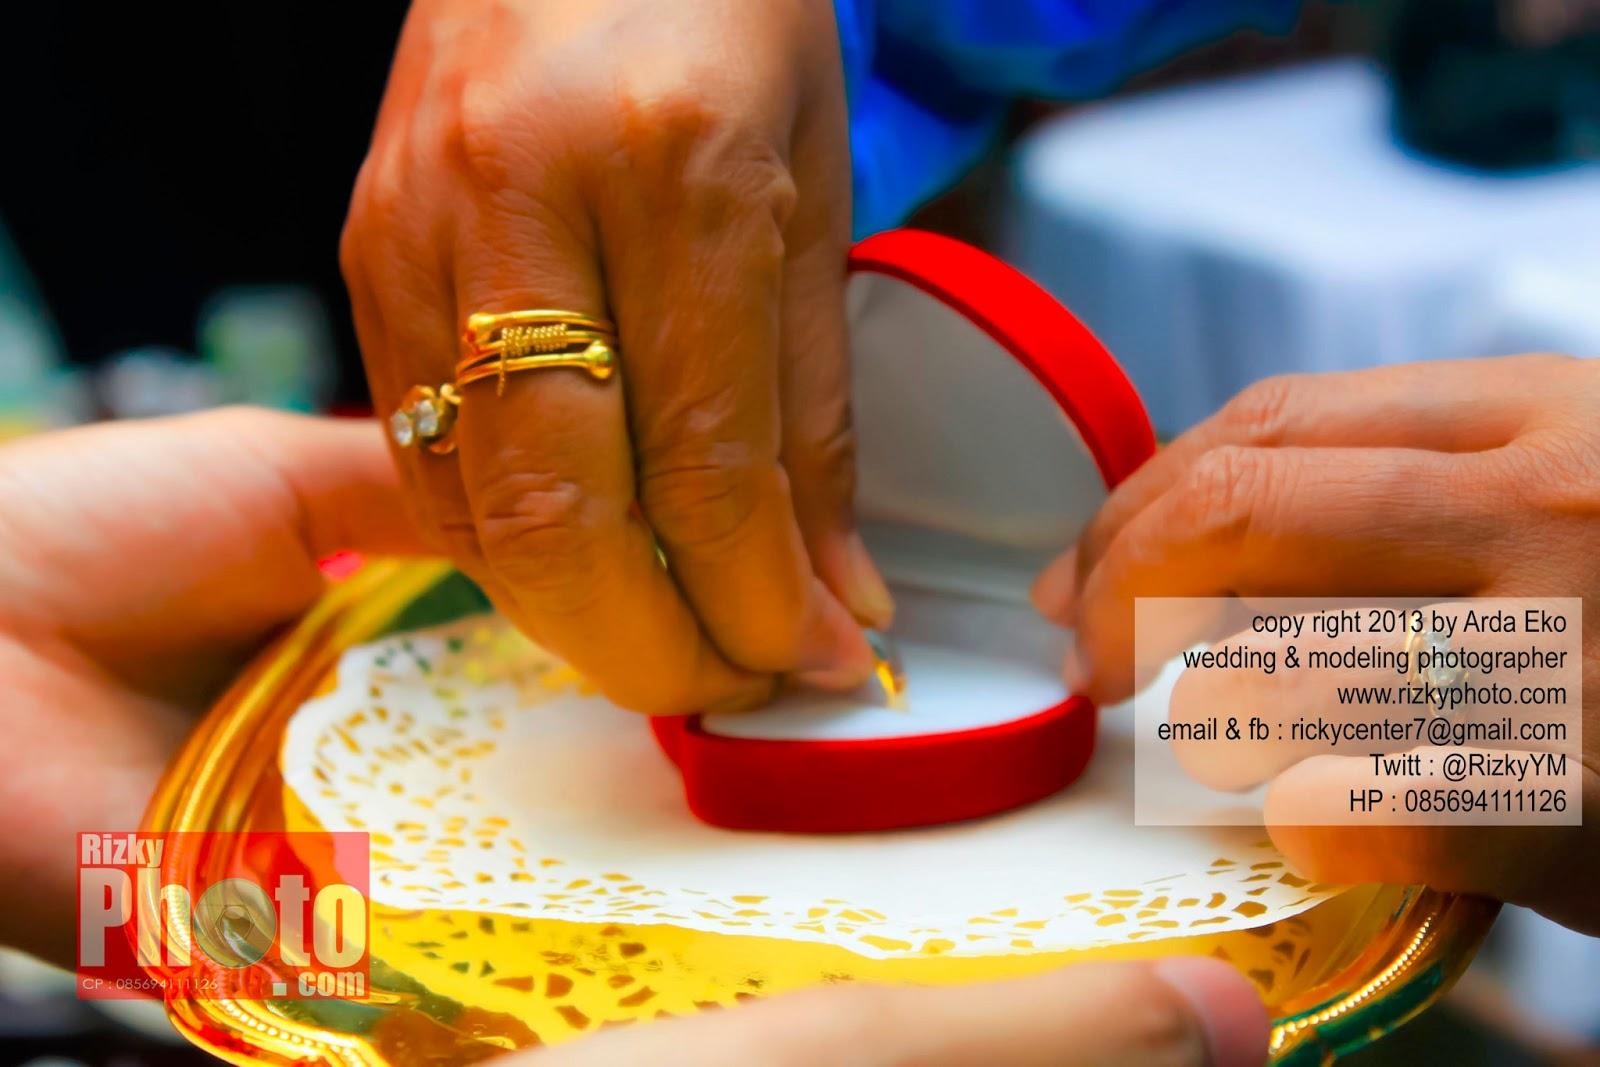 Lihat Fotografer Surabaya Prewedding Dokumentasi Wedding: Rizky Yuniar Mauludi - Wedding